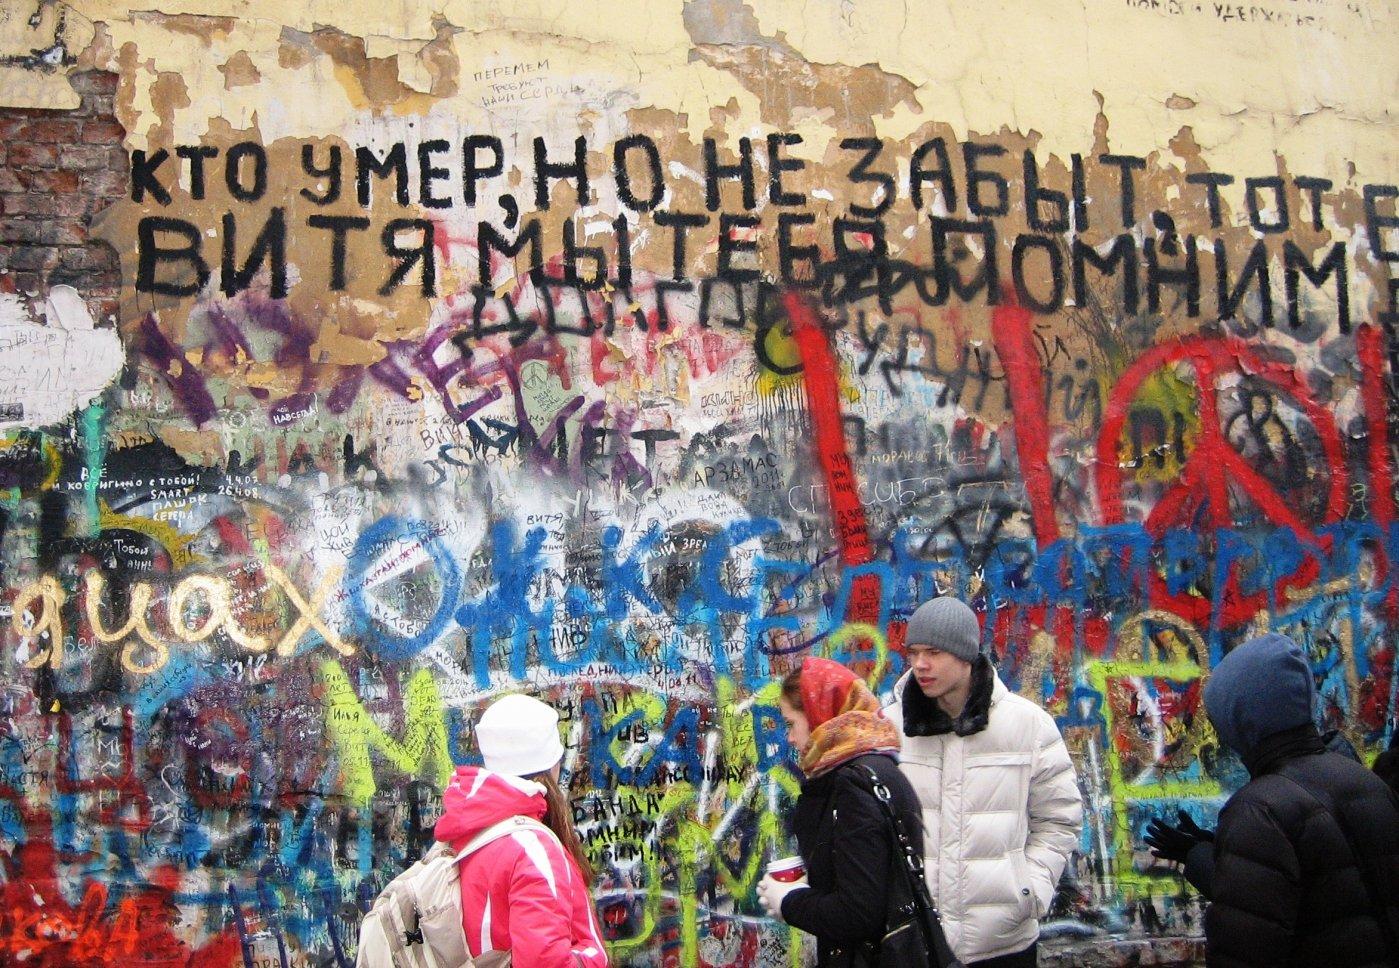 Фото Почитатели Цоя ищут место на стене - где бы можно было написать свои пару строк. Россия, город Москва, Кривоарбатский переулок, 2